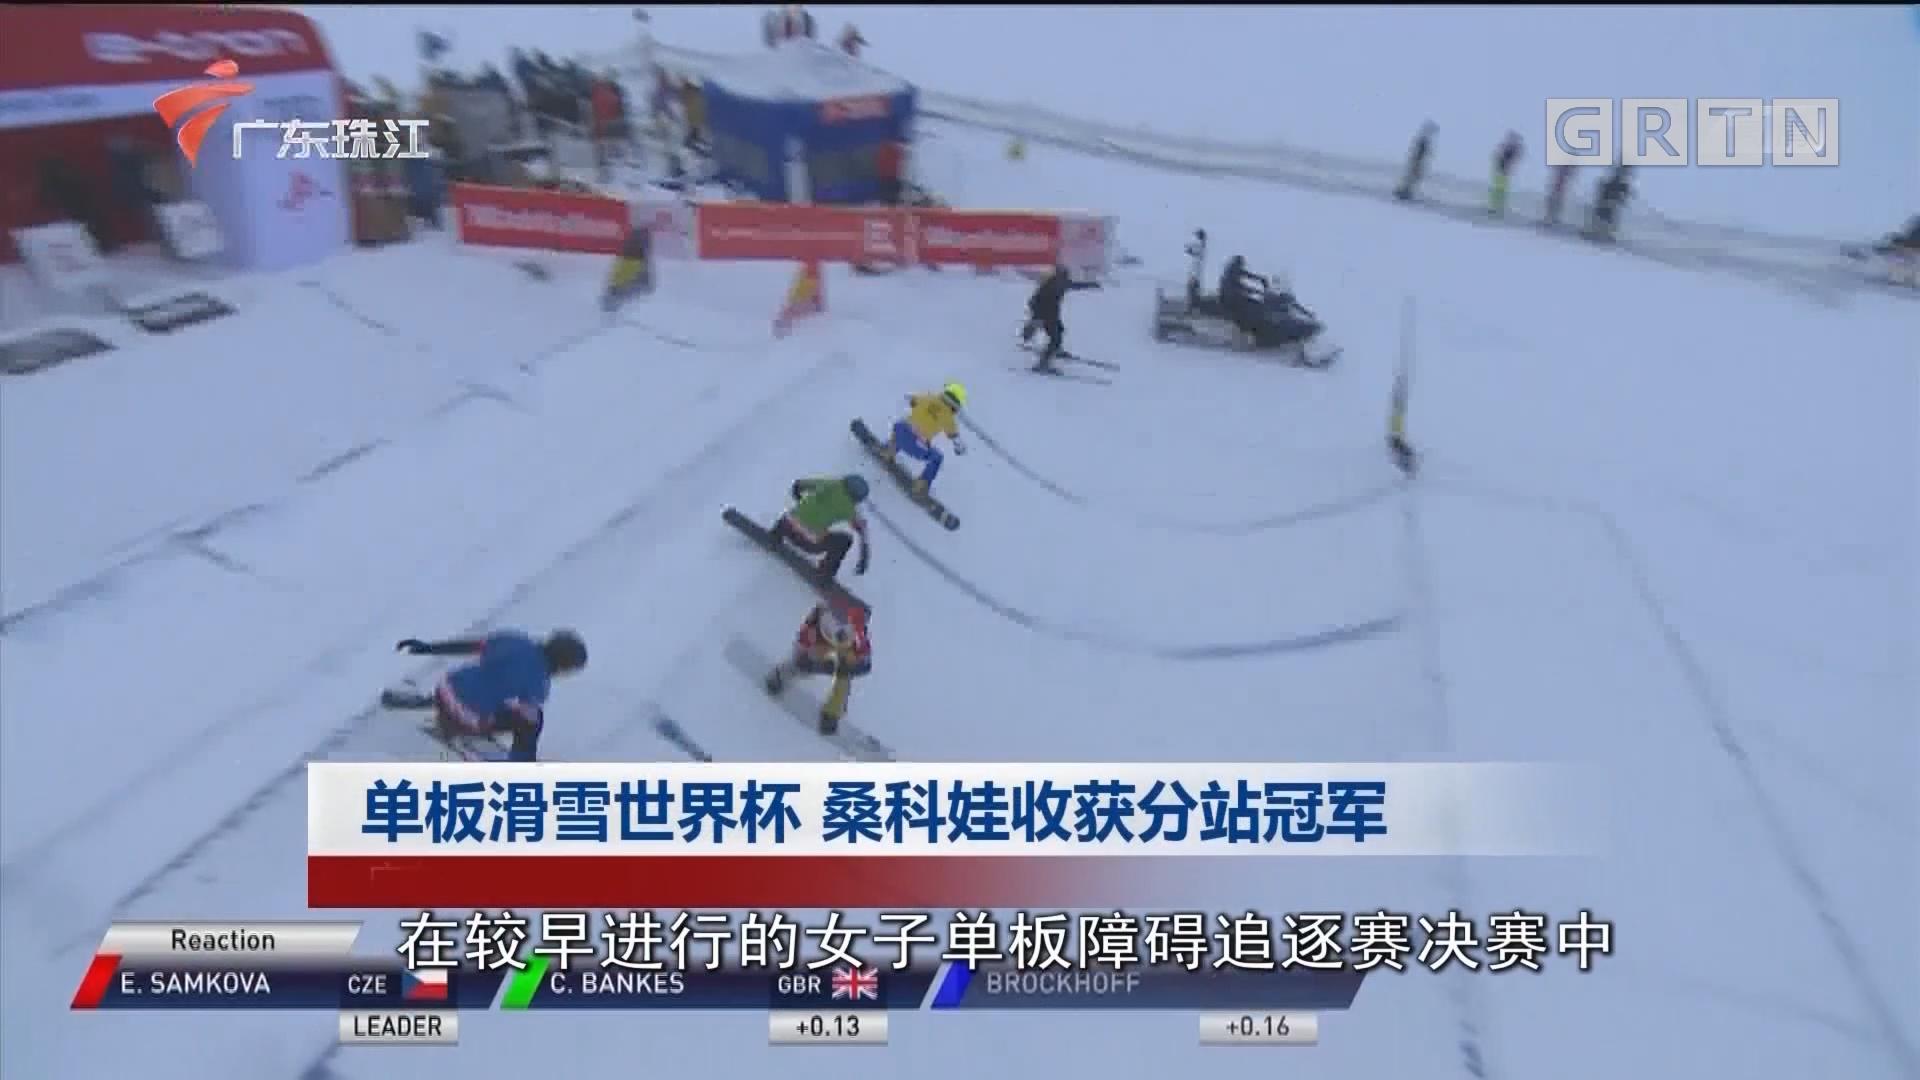 单板滑雪世界杯 桑科娃收获分站冠军